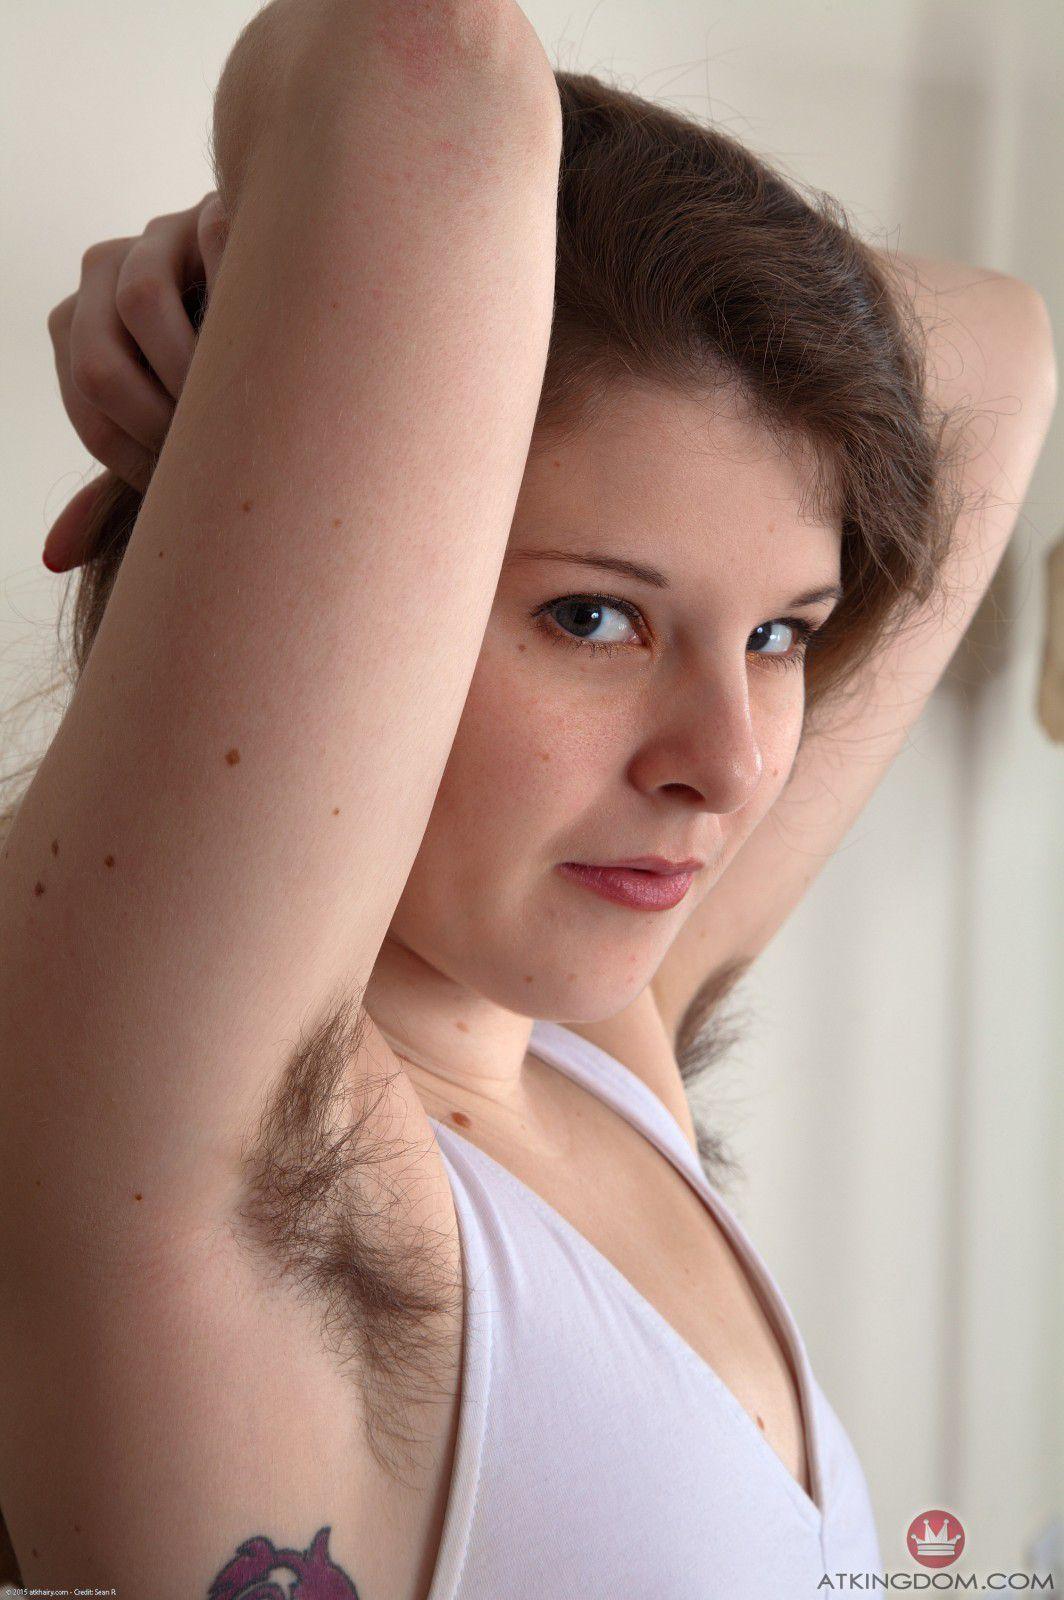 грубая продавщица естественная волосатость голых баб самая обычная бабушка